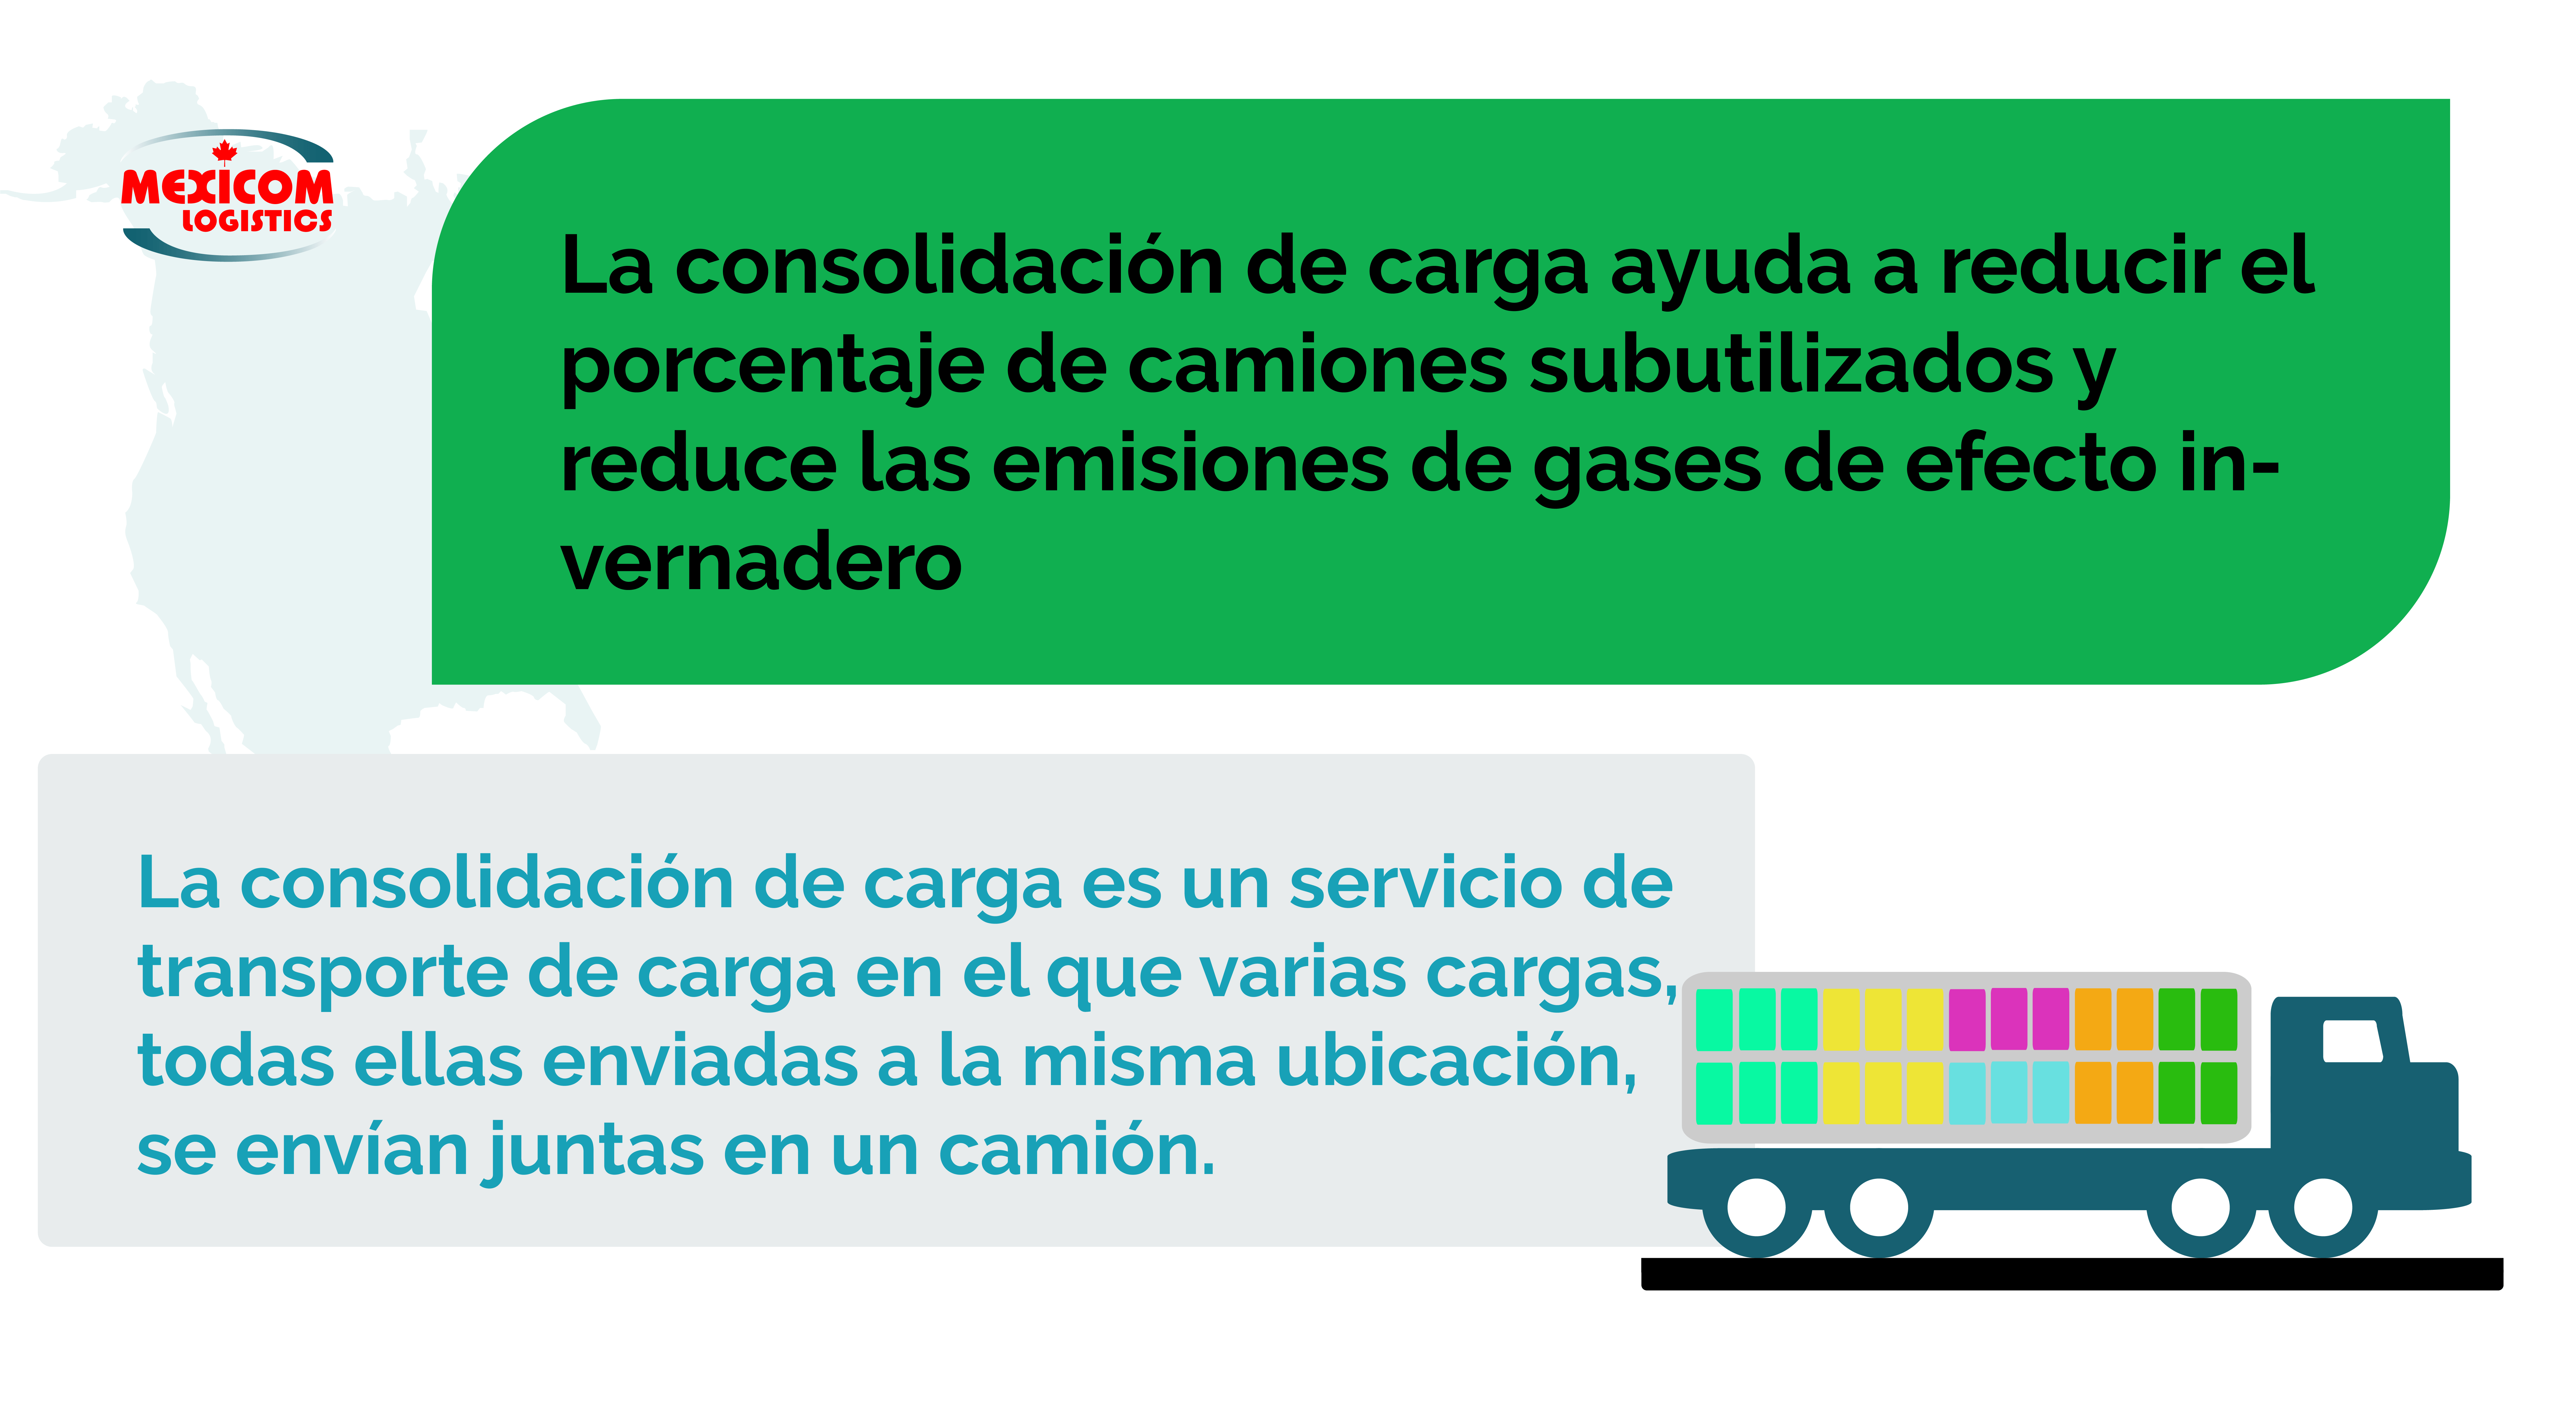 Consolidación de la carga ayuda a reducir la emision de gases de efecto invernadero